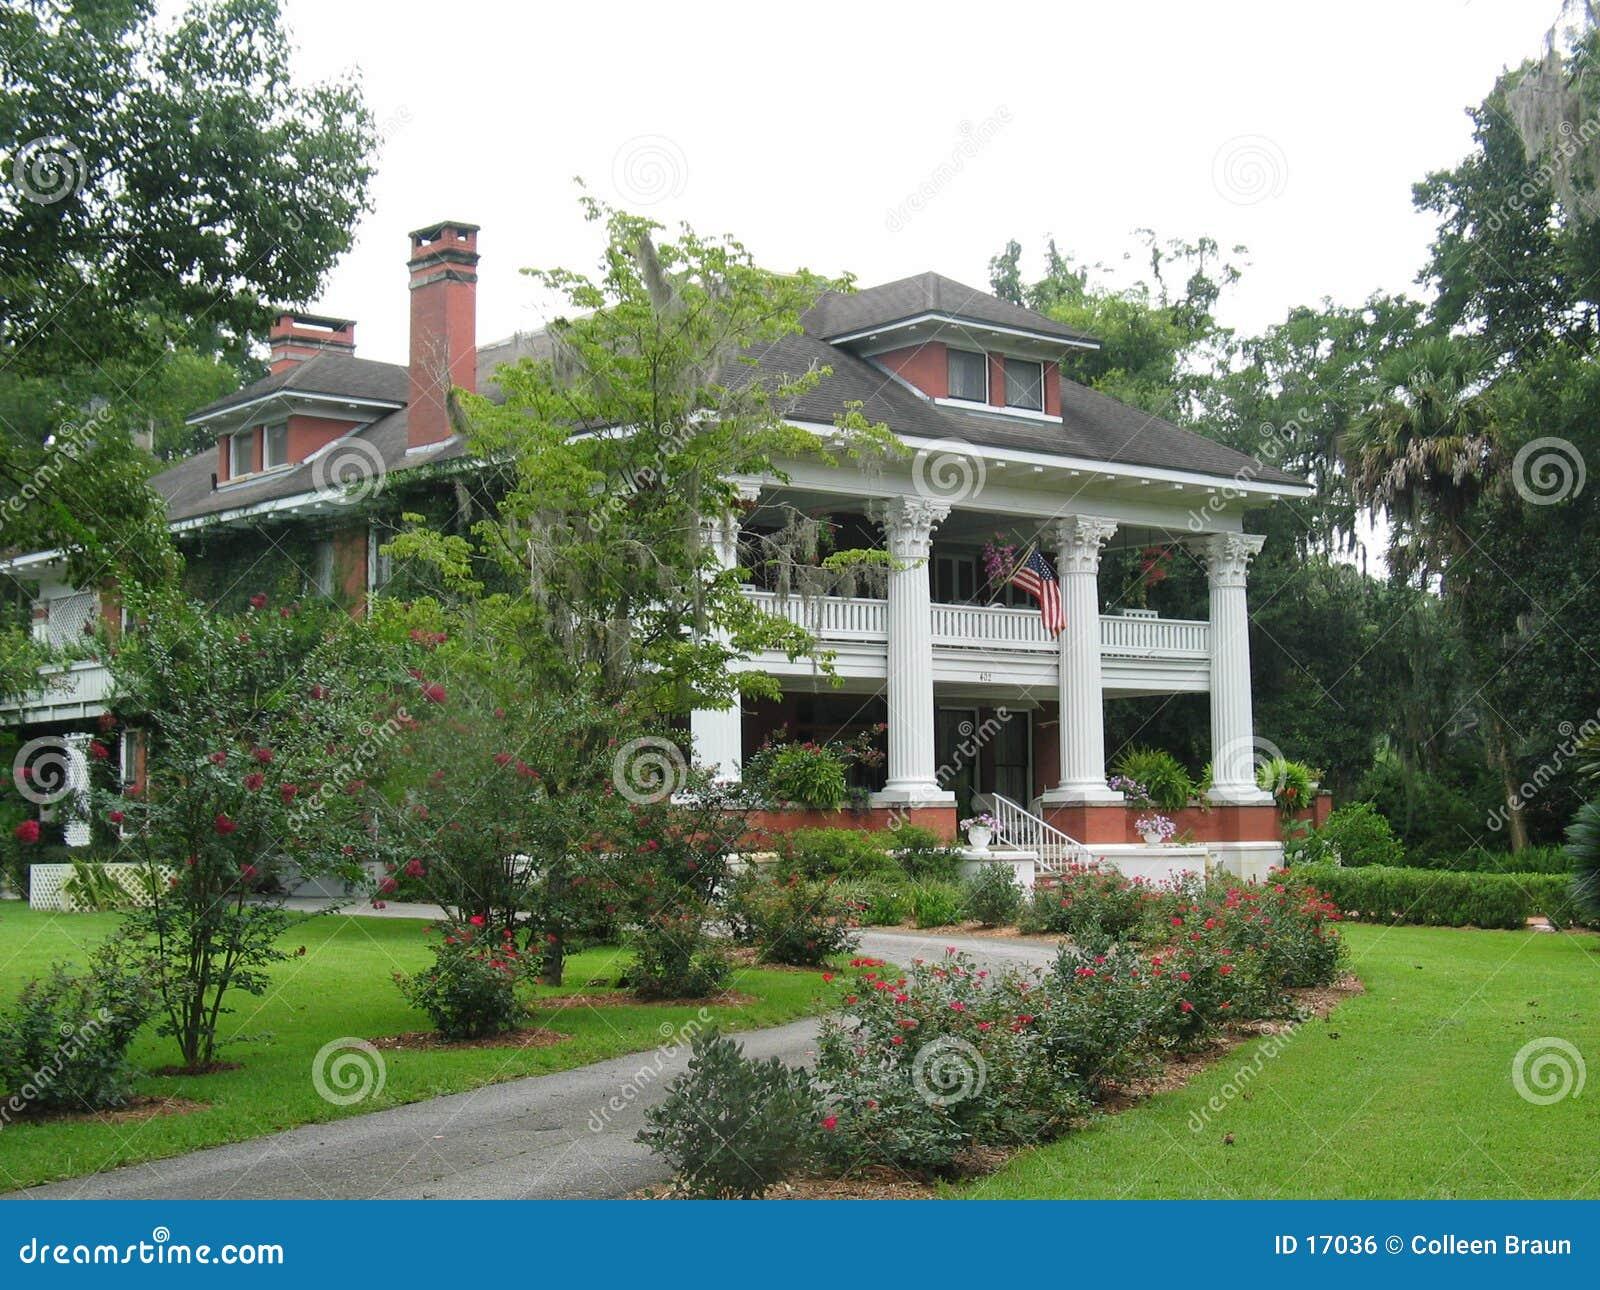 Luxury mansion